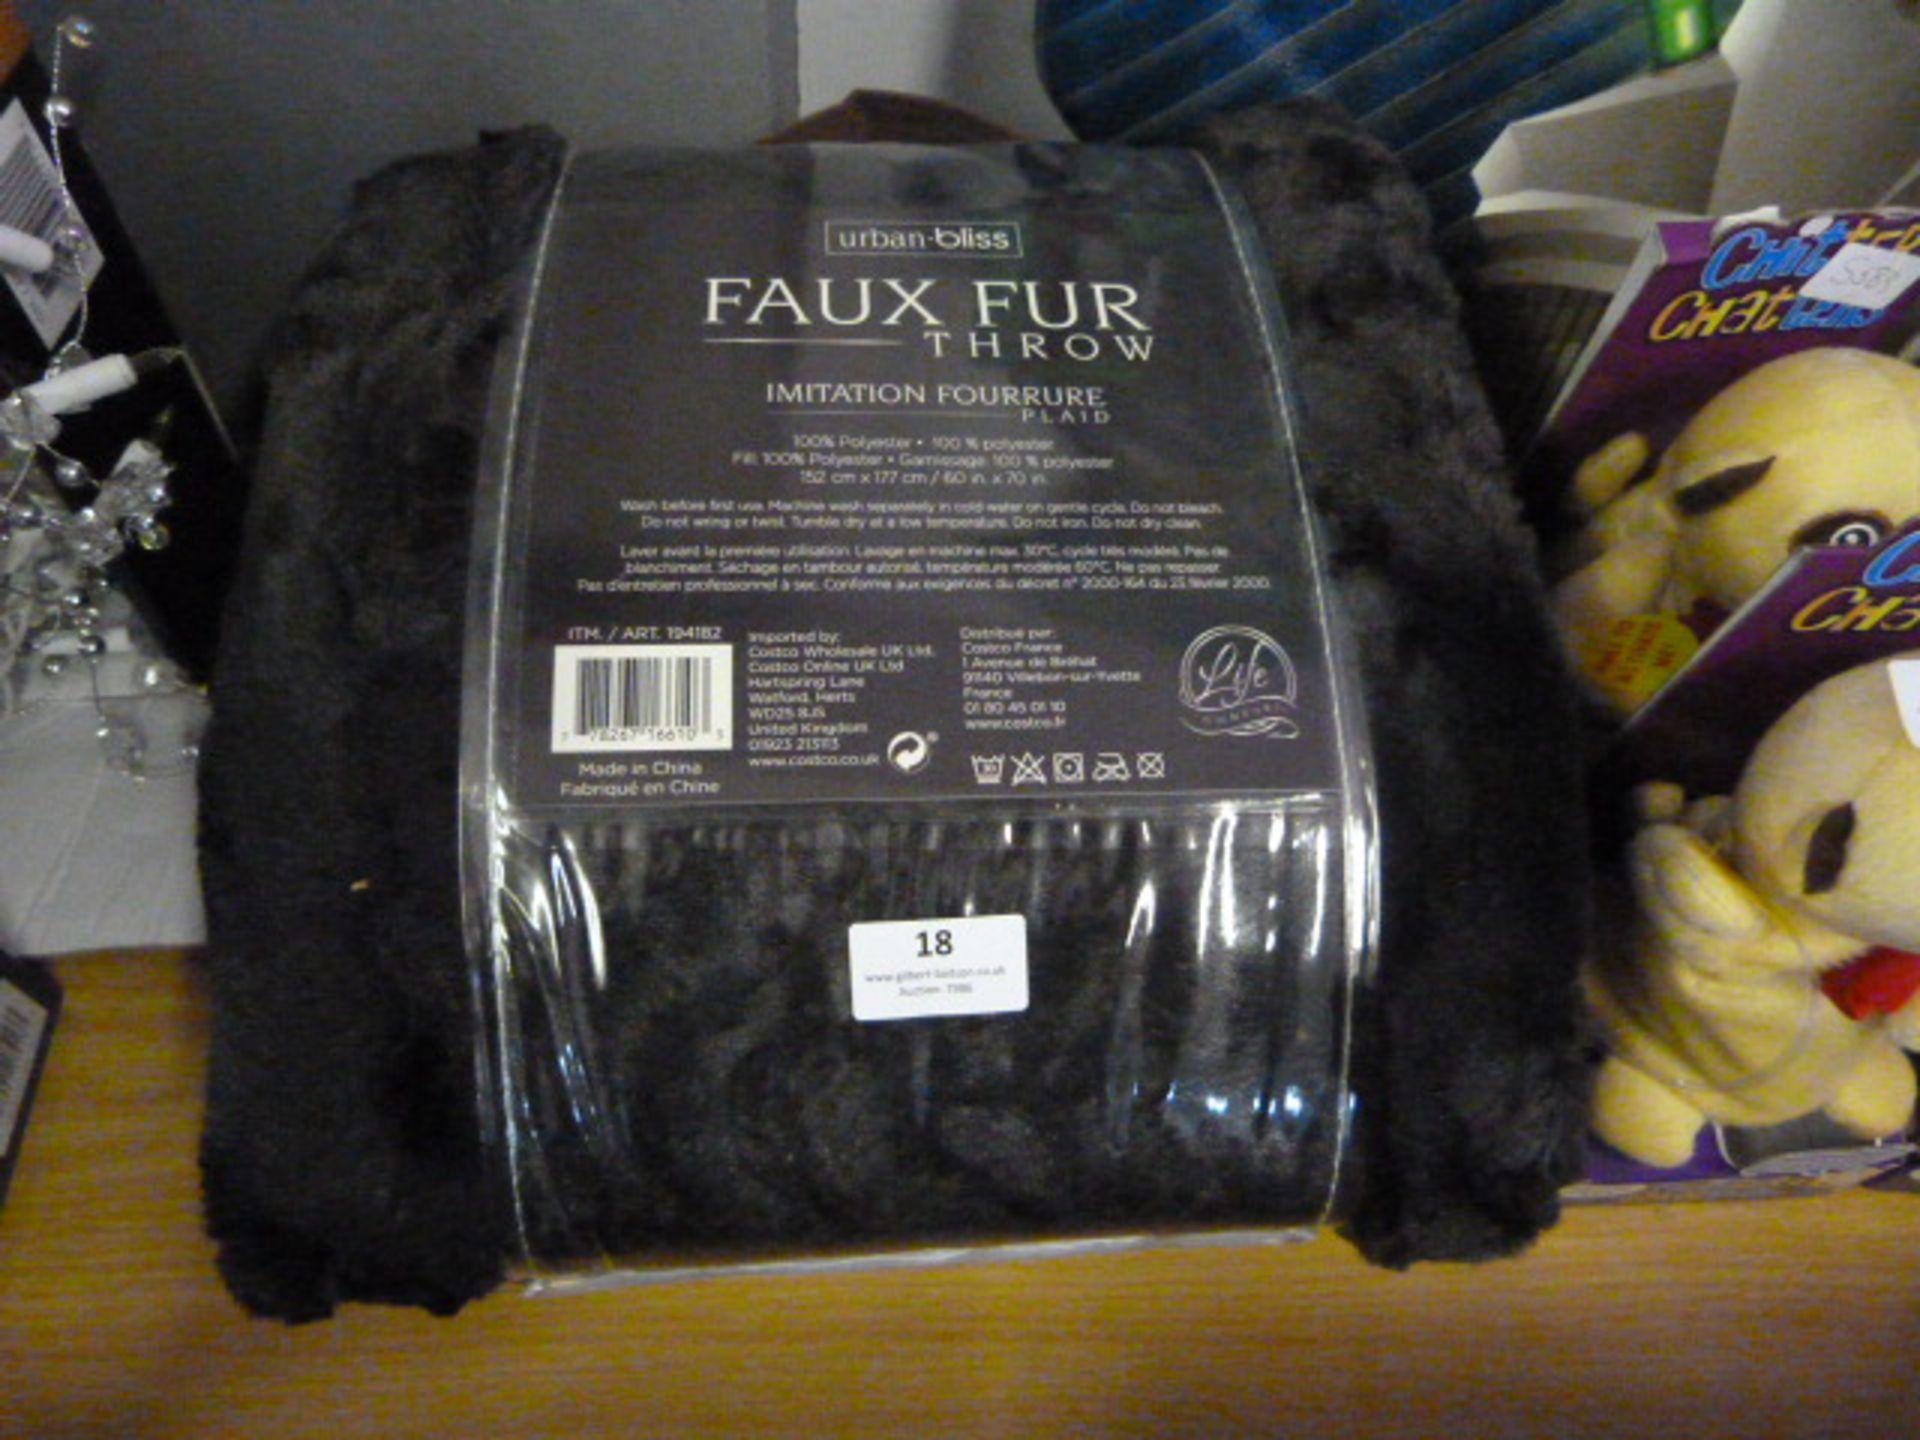 *Urban Bliss Faux Fur Throw